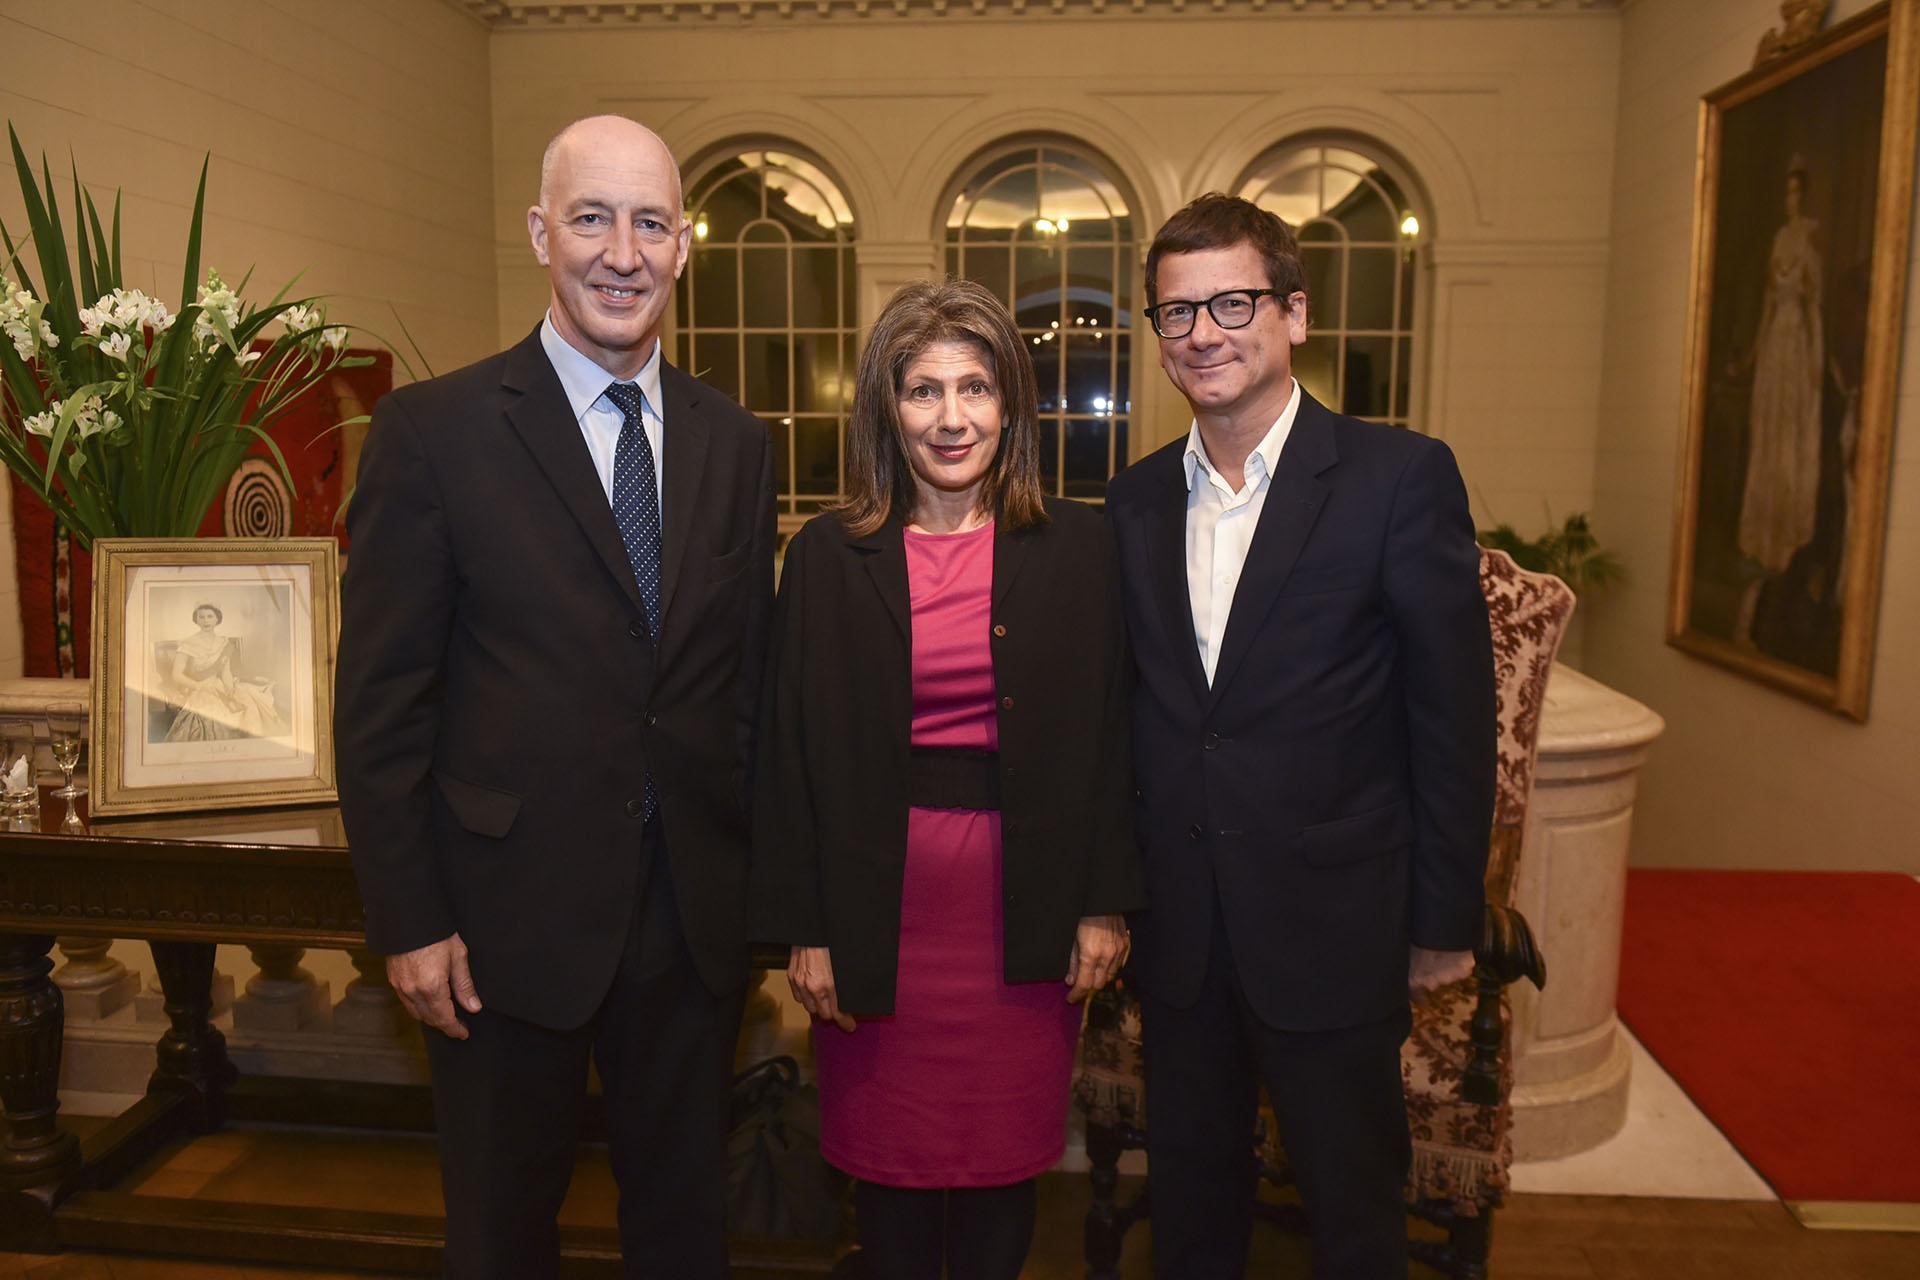 Mark Kent y su mujer Martine junto al presidente de HSBC Argentina, Gabriel Martino